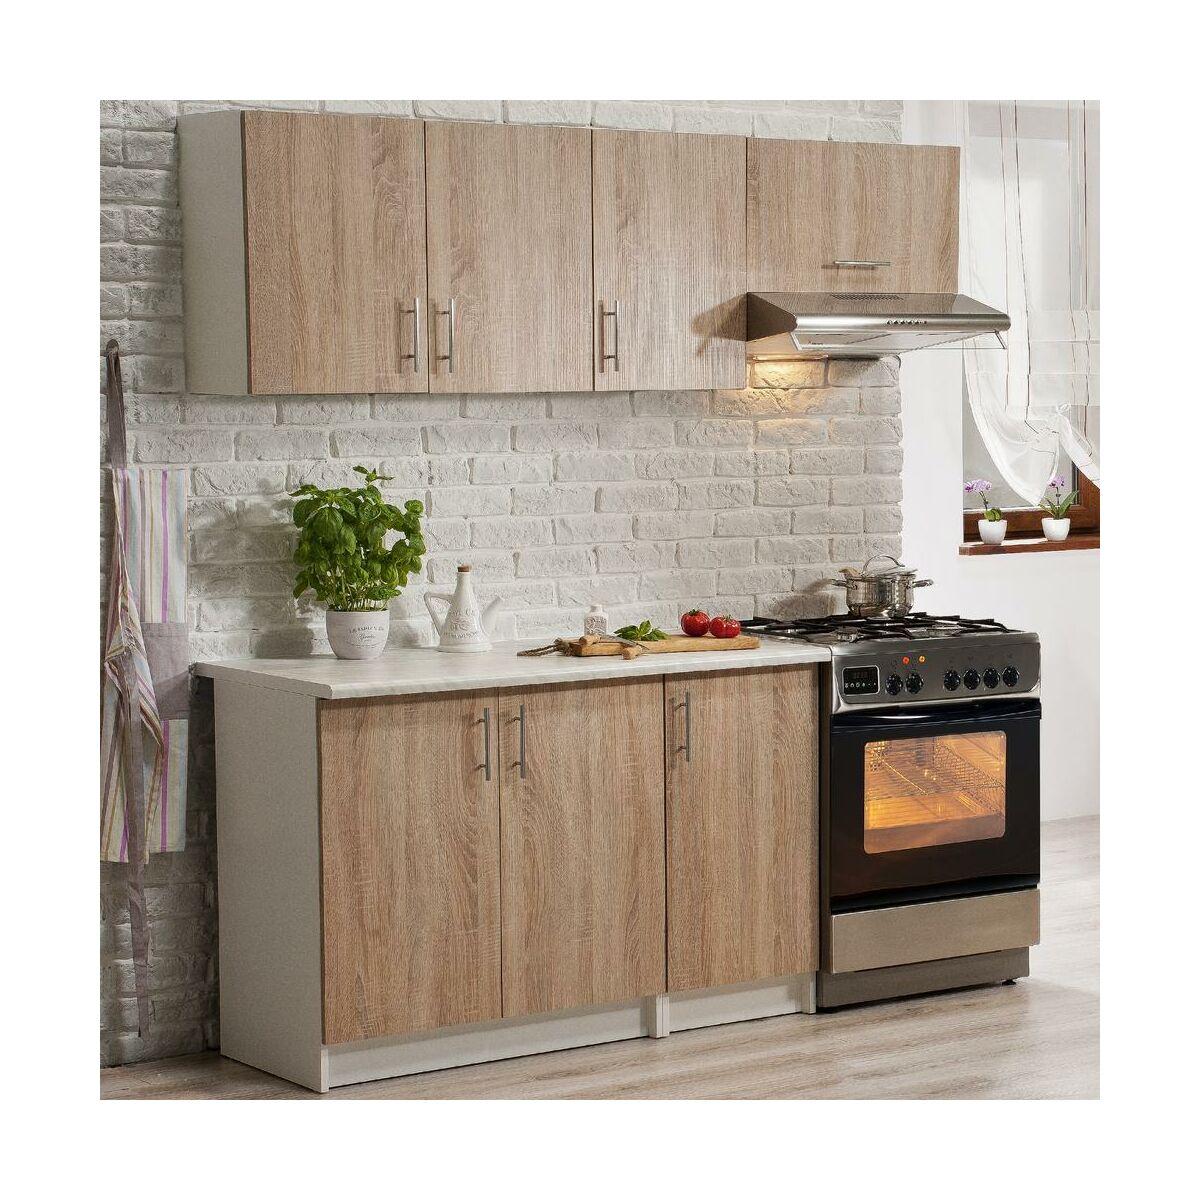 Zestaw mebli kuchennych OLA DEFTRANS  sprawdź opinie w   -> Kuchnia Z Leroy Merlin Opinie